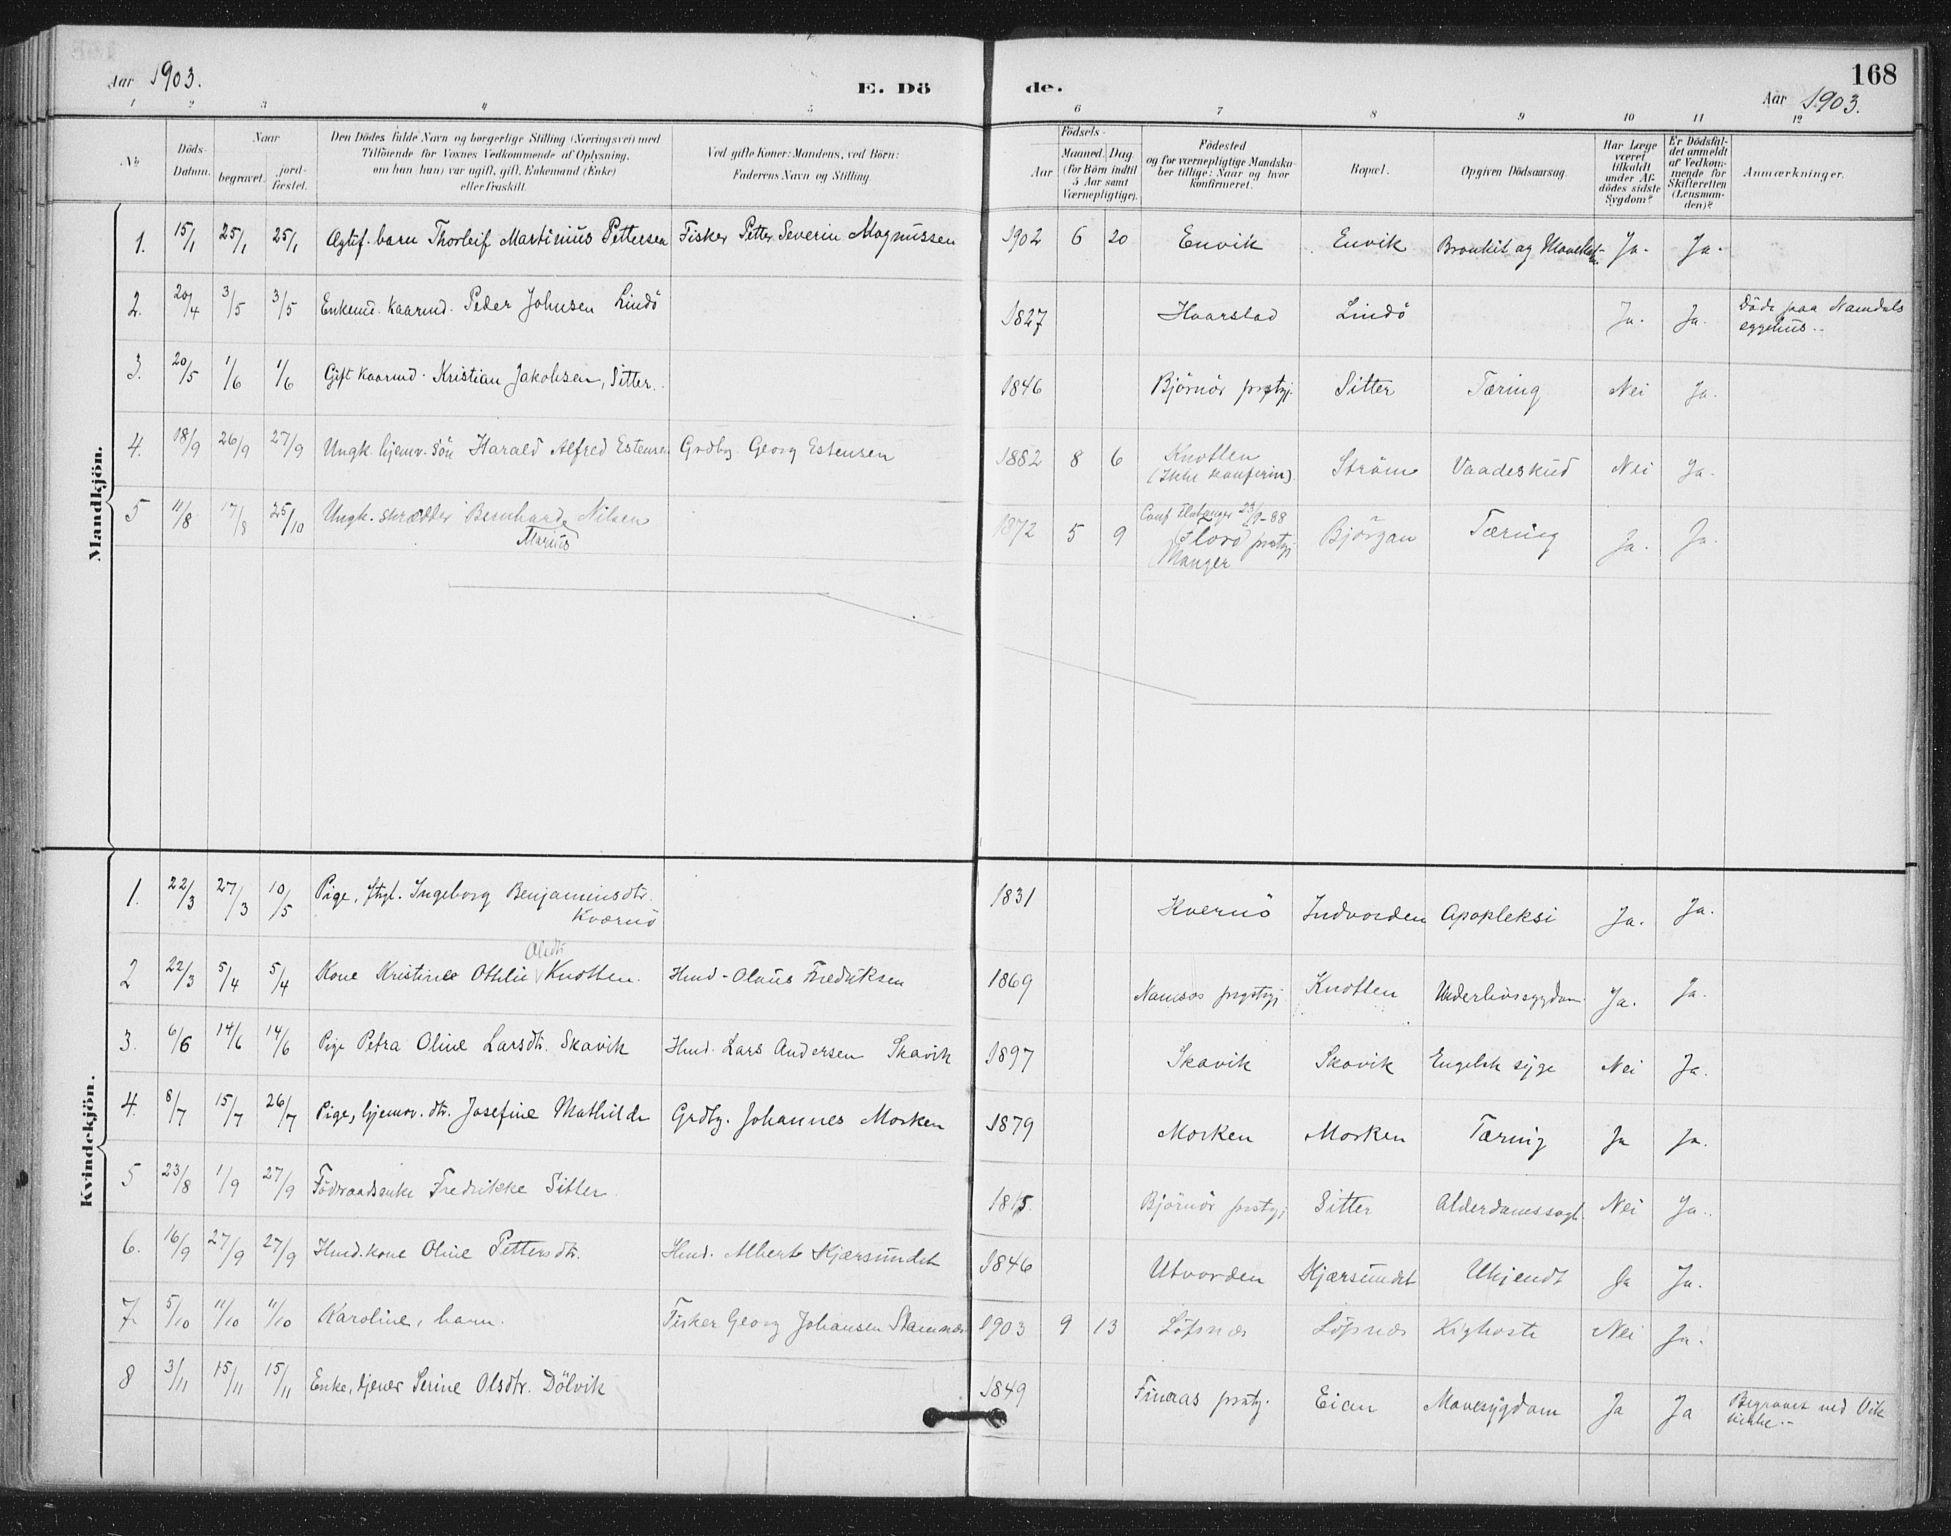 SAT, Ministerialprotokoller, klokkerbøker og fødselsregistre - Nord-Trøndelag, 772/L0603: Ministerialbok nr. 772A01, 1885-1912, s. 168